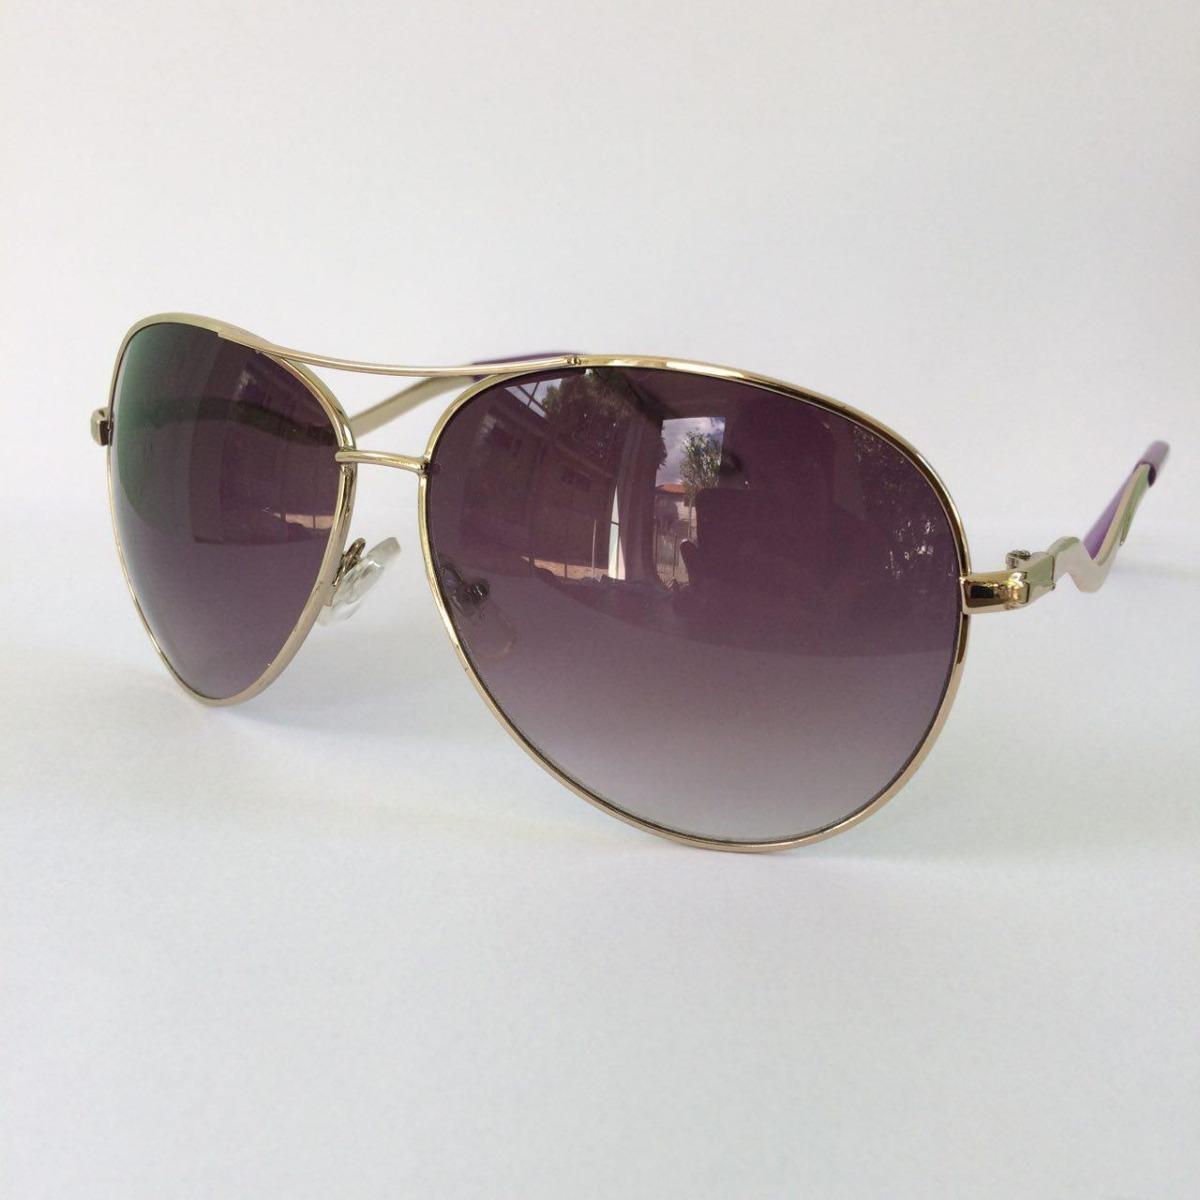 cf791ee753bed óculos de sol feminino aviador detalhe roxo proteção uv400. Carregando zoom.